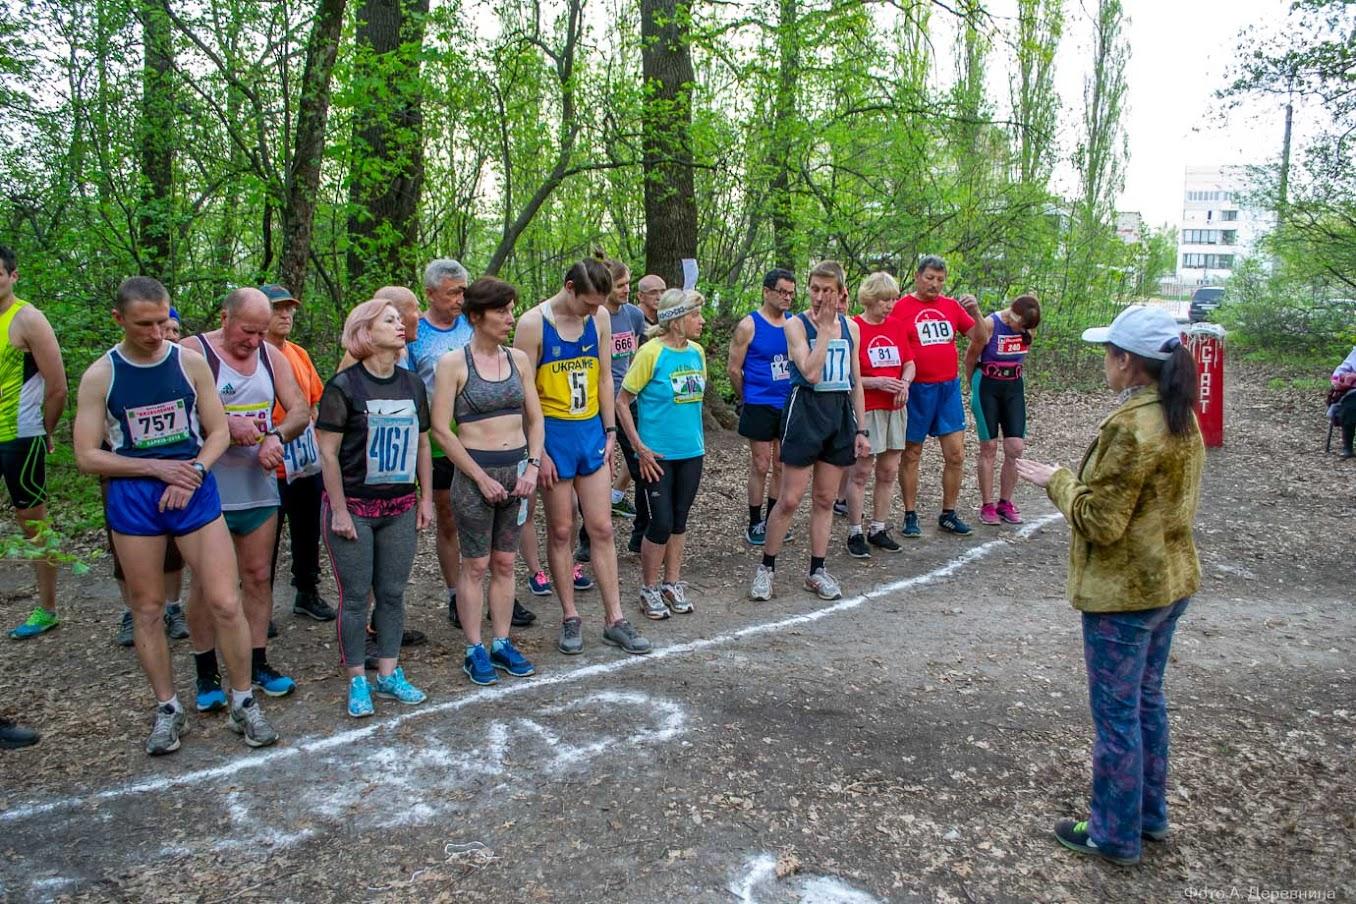 Пробіг «Чорнобильський набат», присвячений памяті жертв Чорнобиля